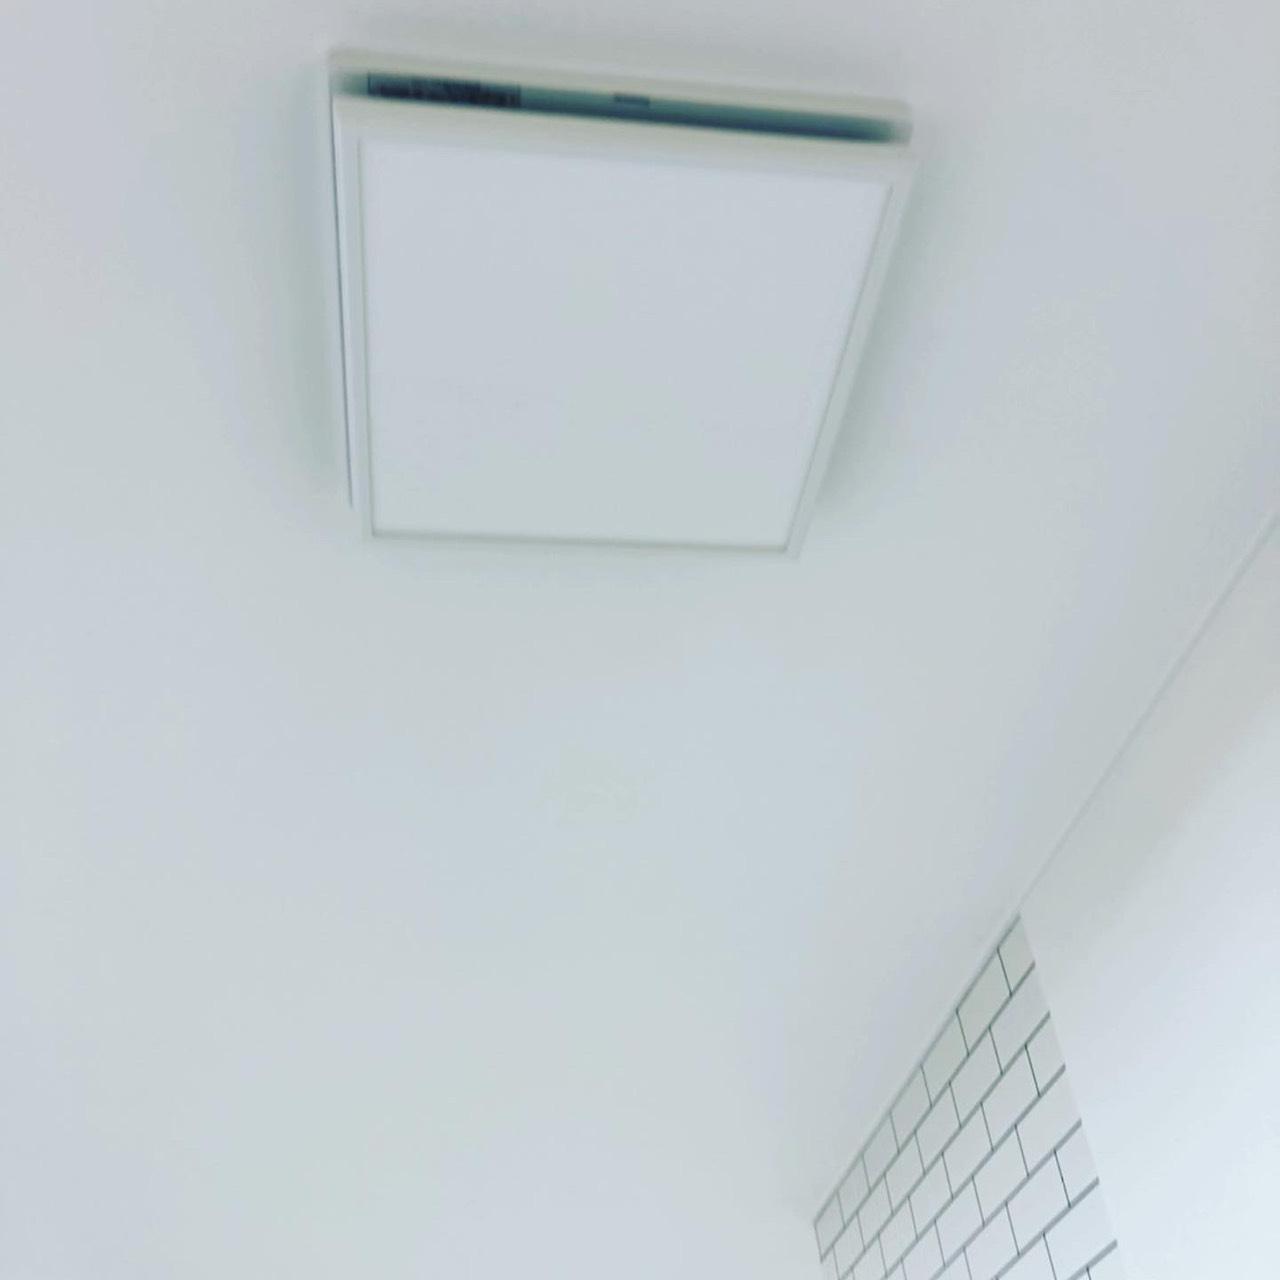 兵庫県 空調設備器具付